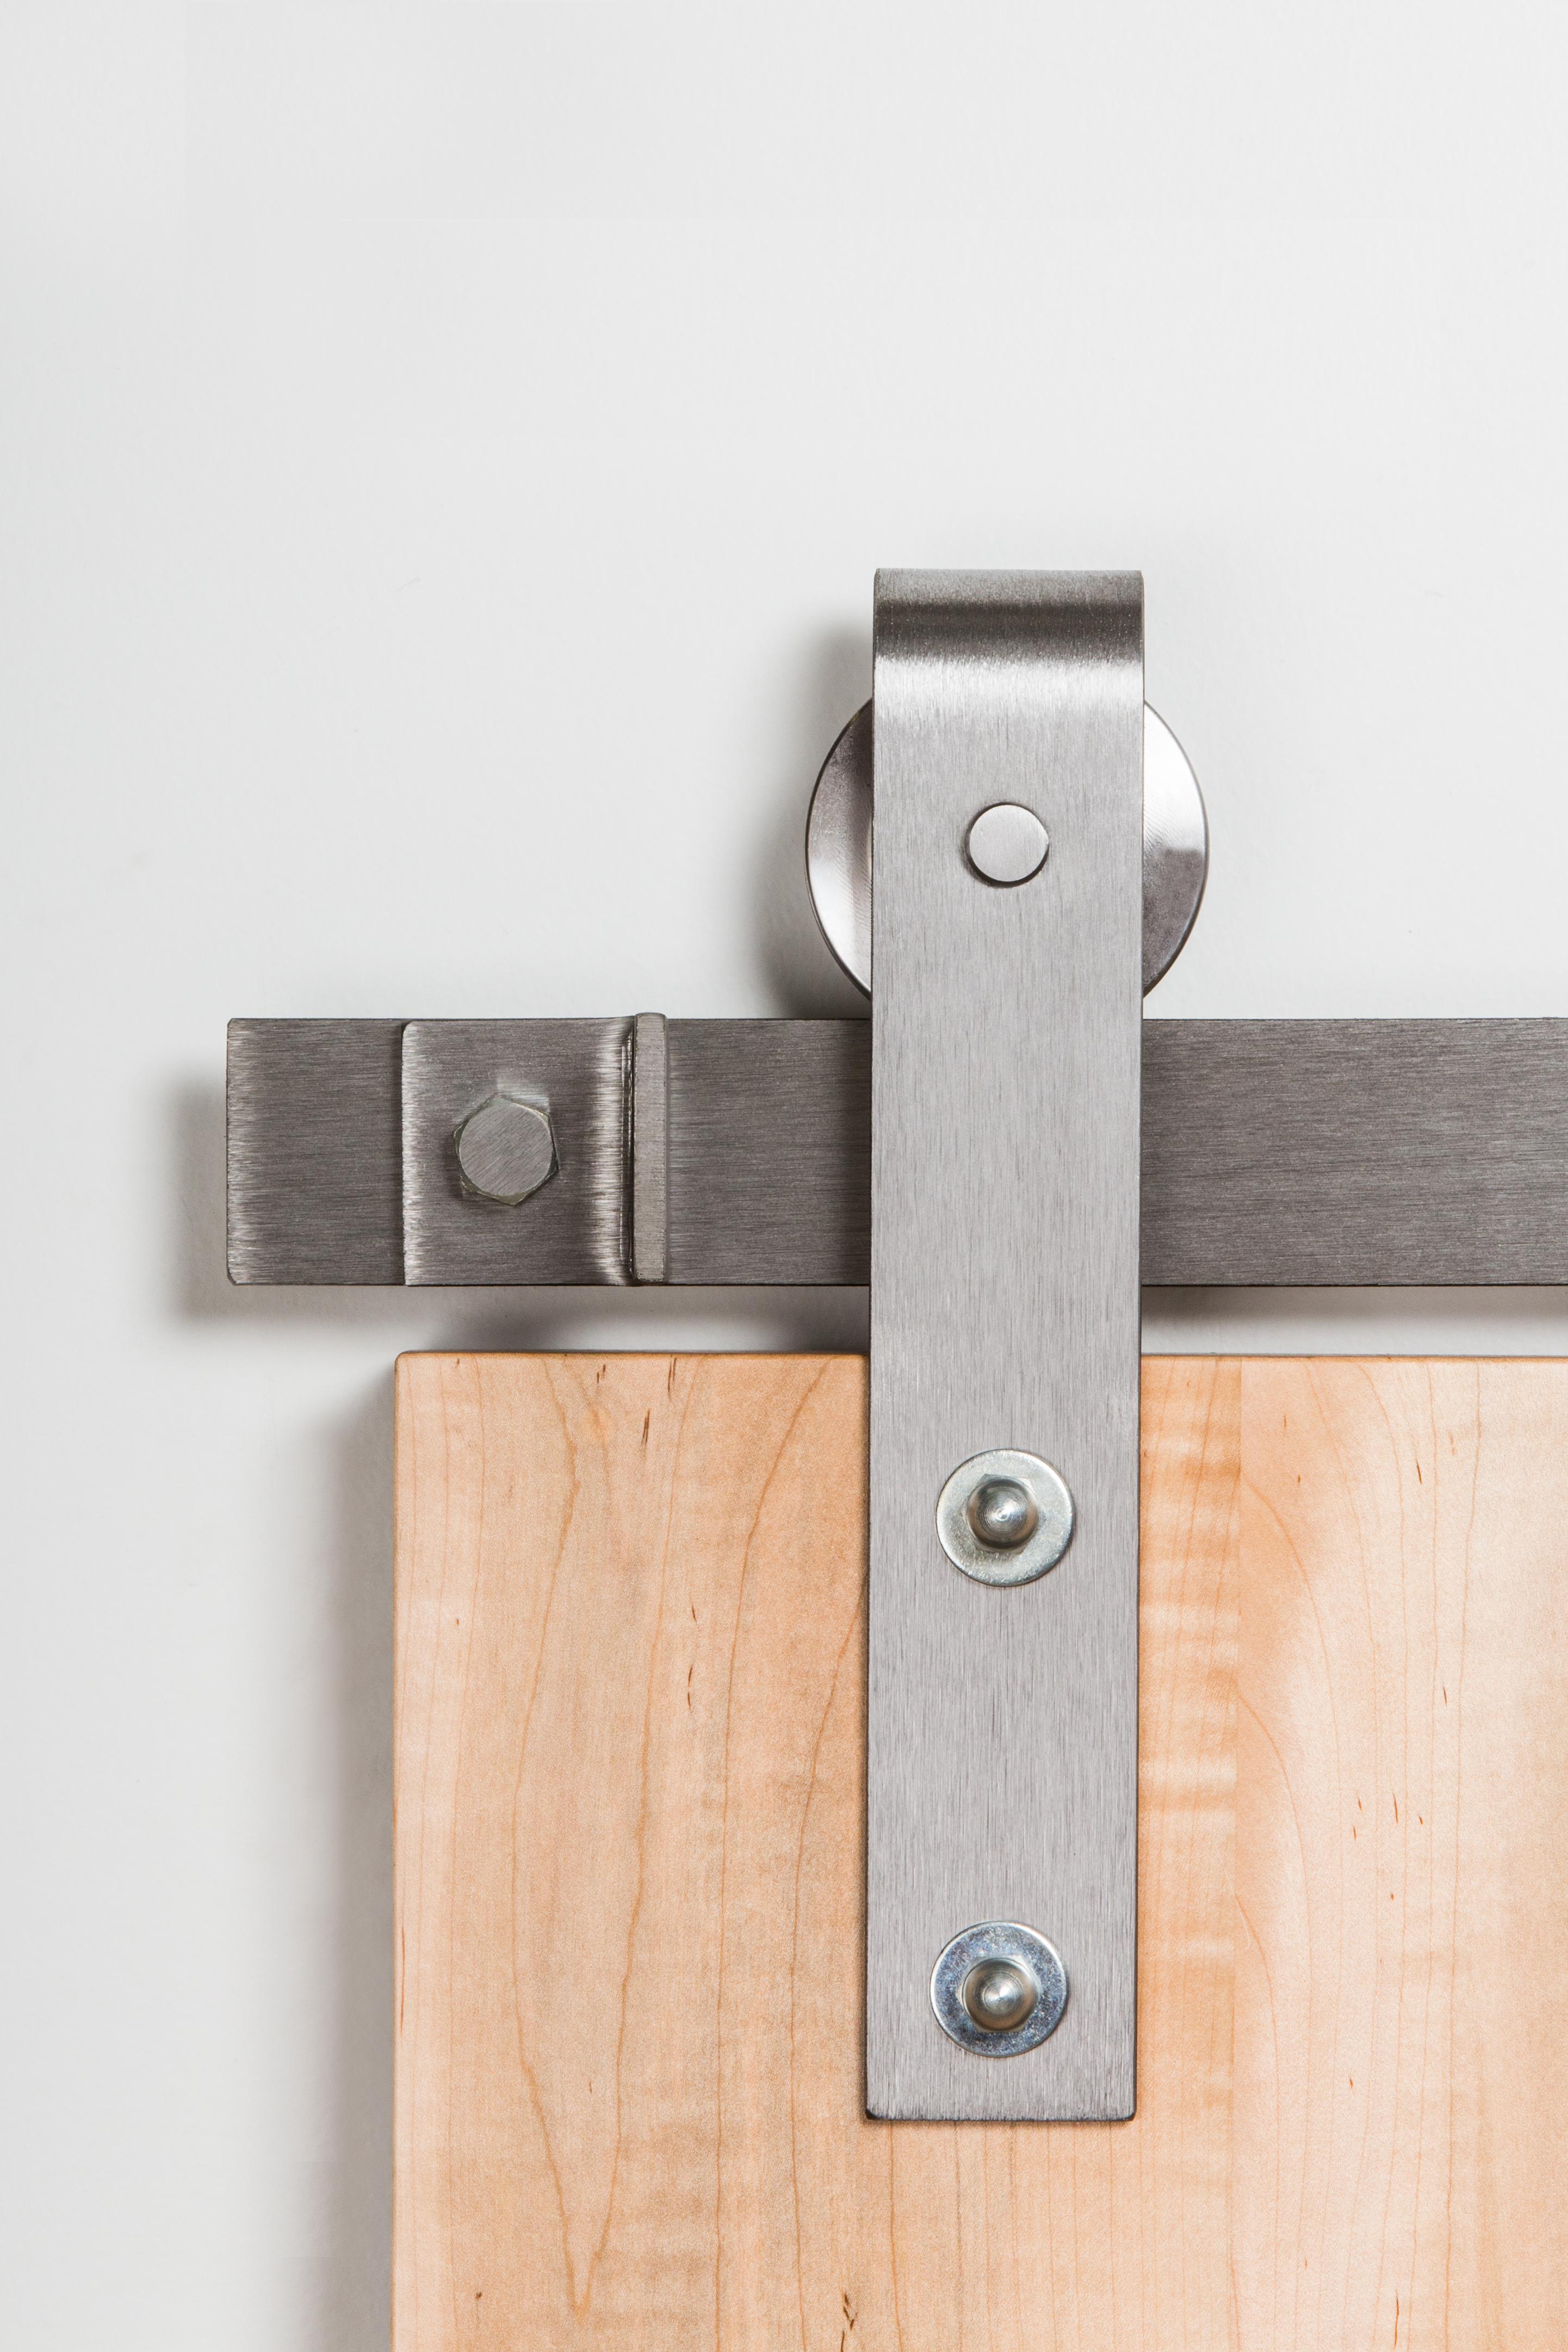 Leatherneck 402 Straight Style Barn Door Track Hanger Direct Door Hardware